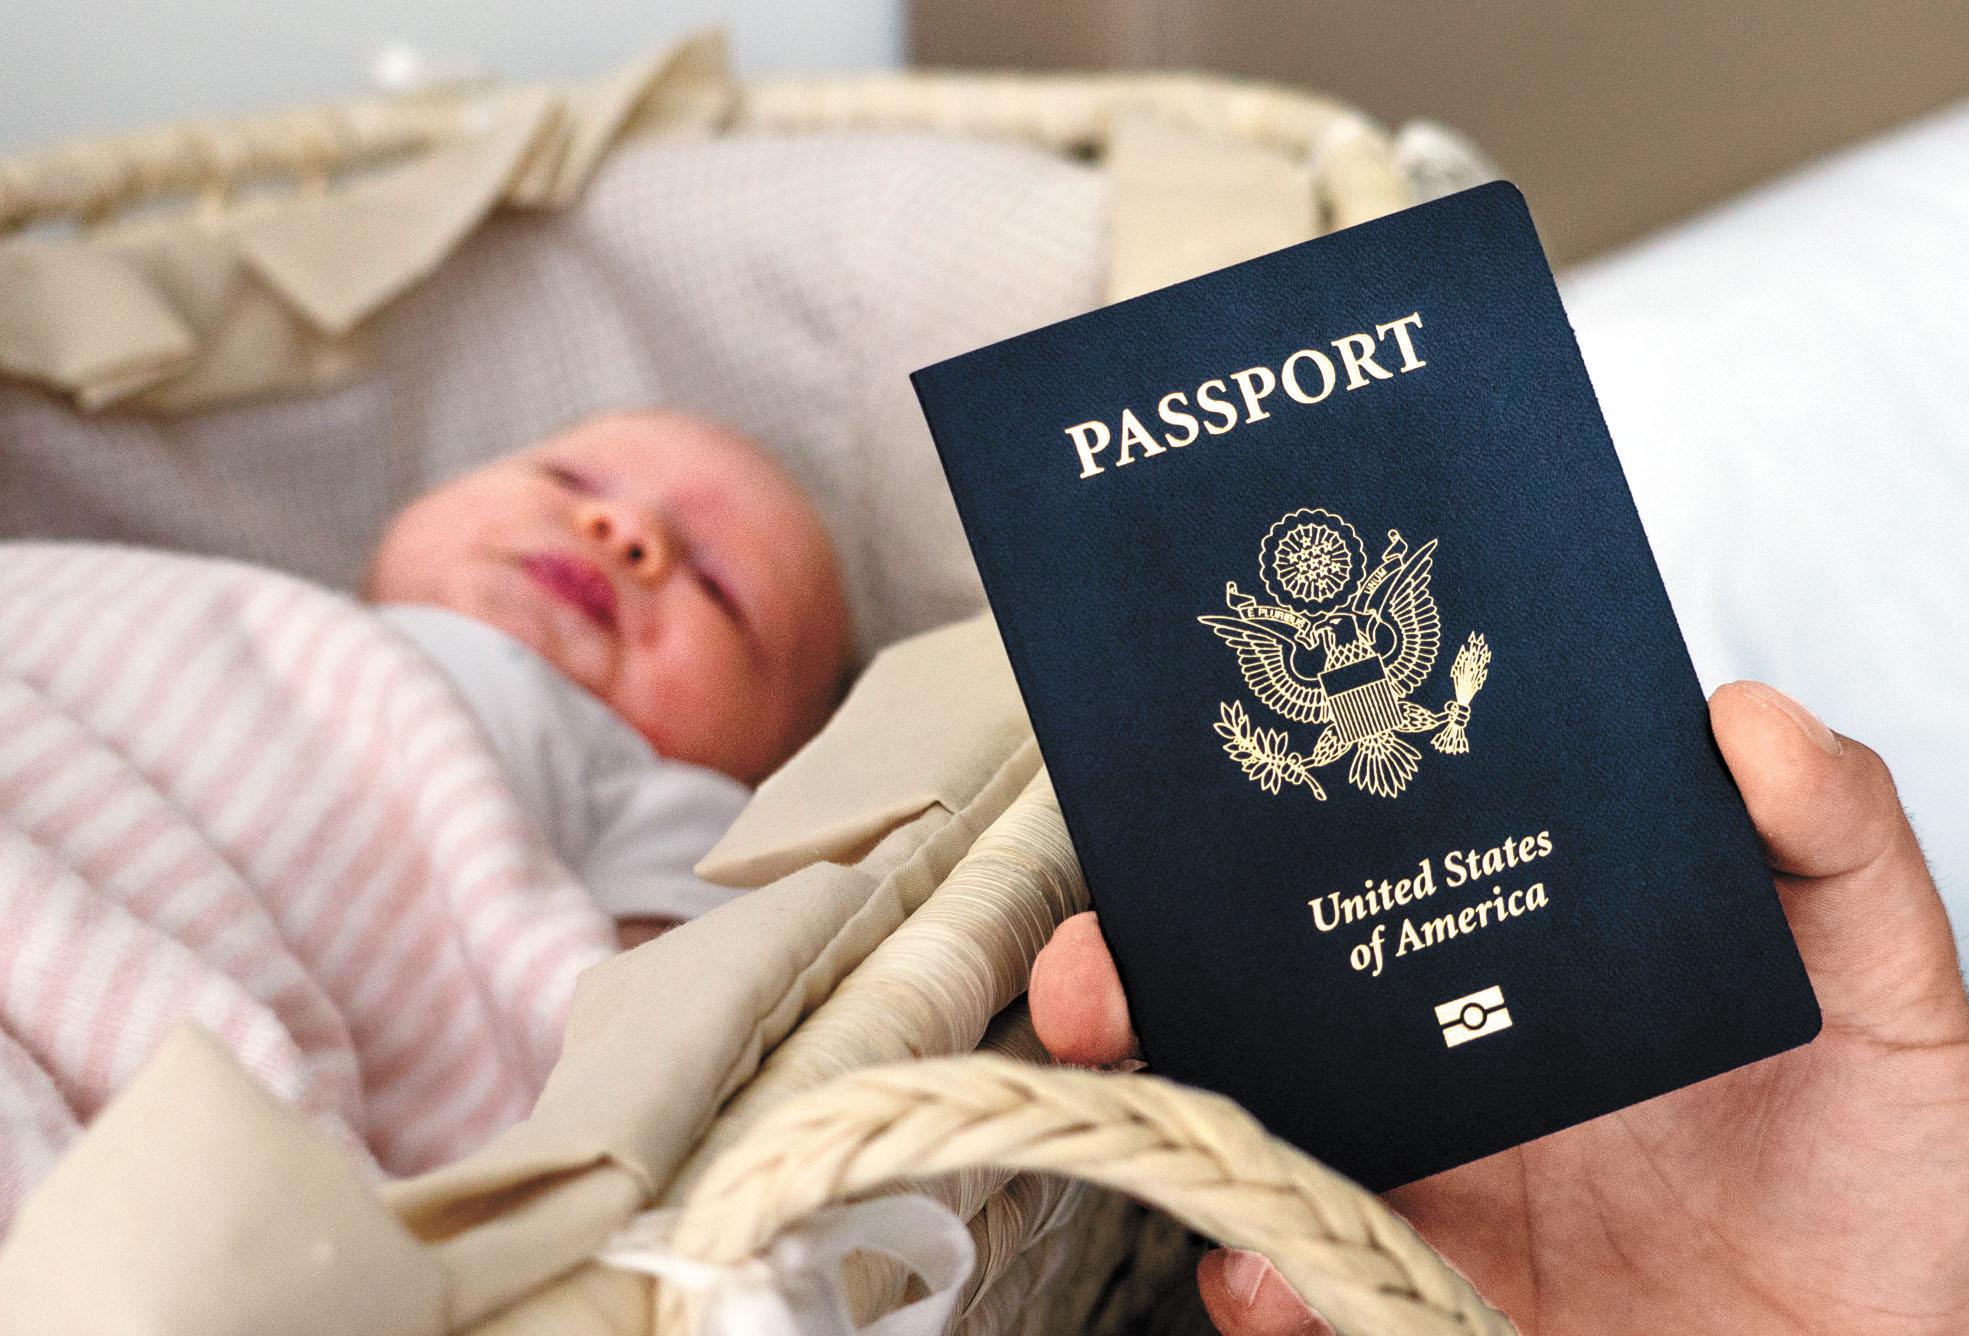 在美國出生的孩子自動會成為美國公民,圖為一個月大的孩子獲得了美國護照。 美聯社資料圖片